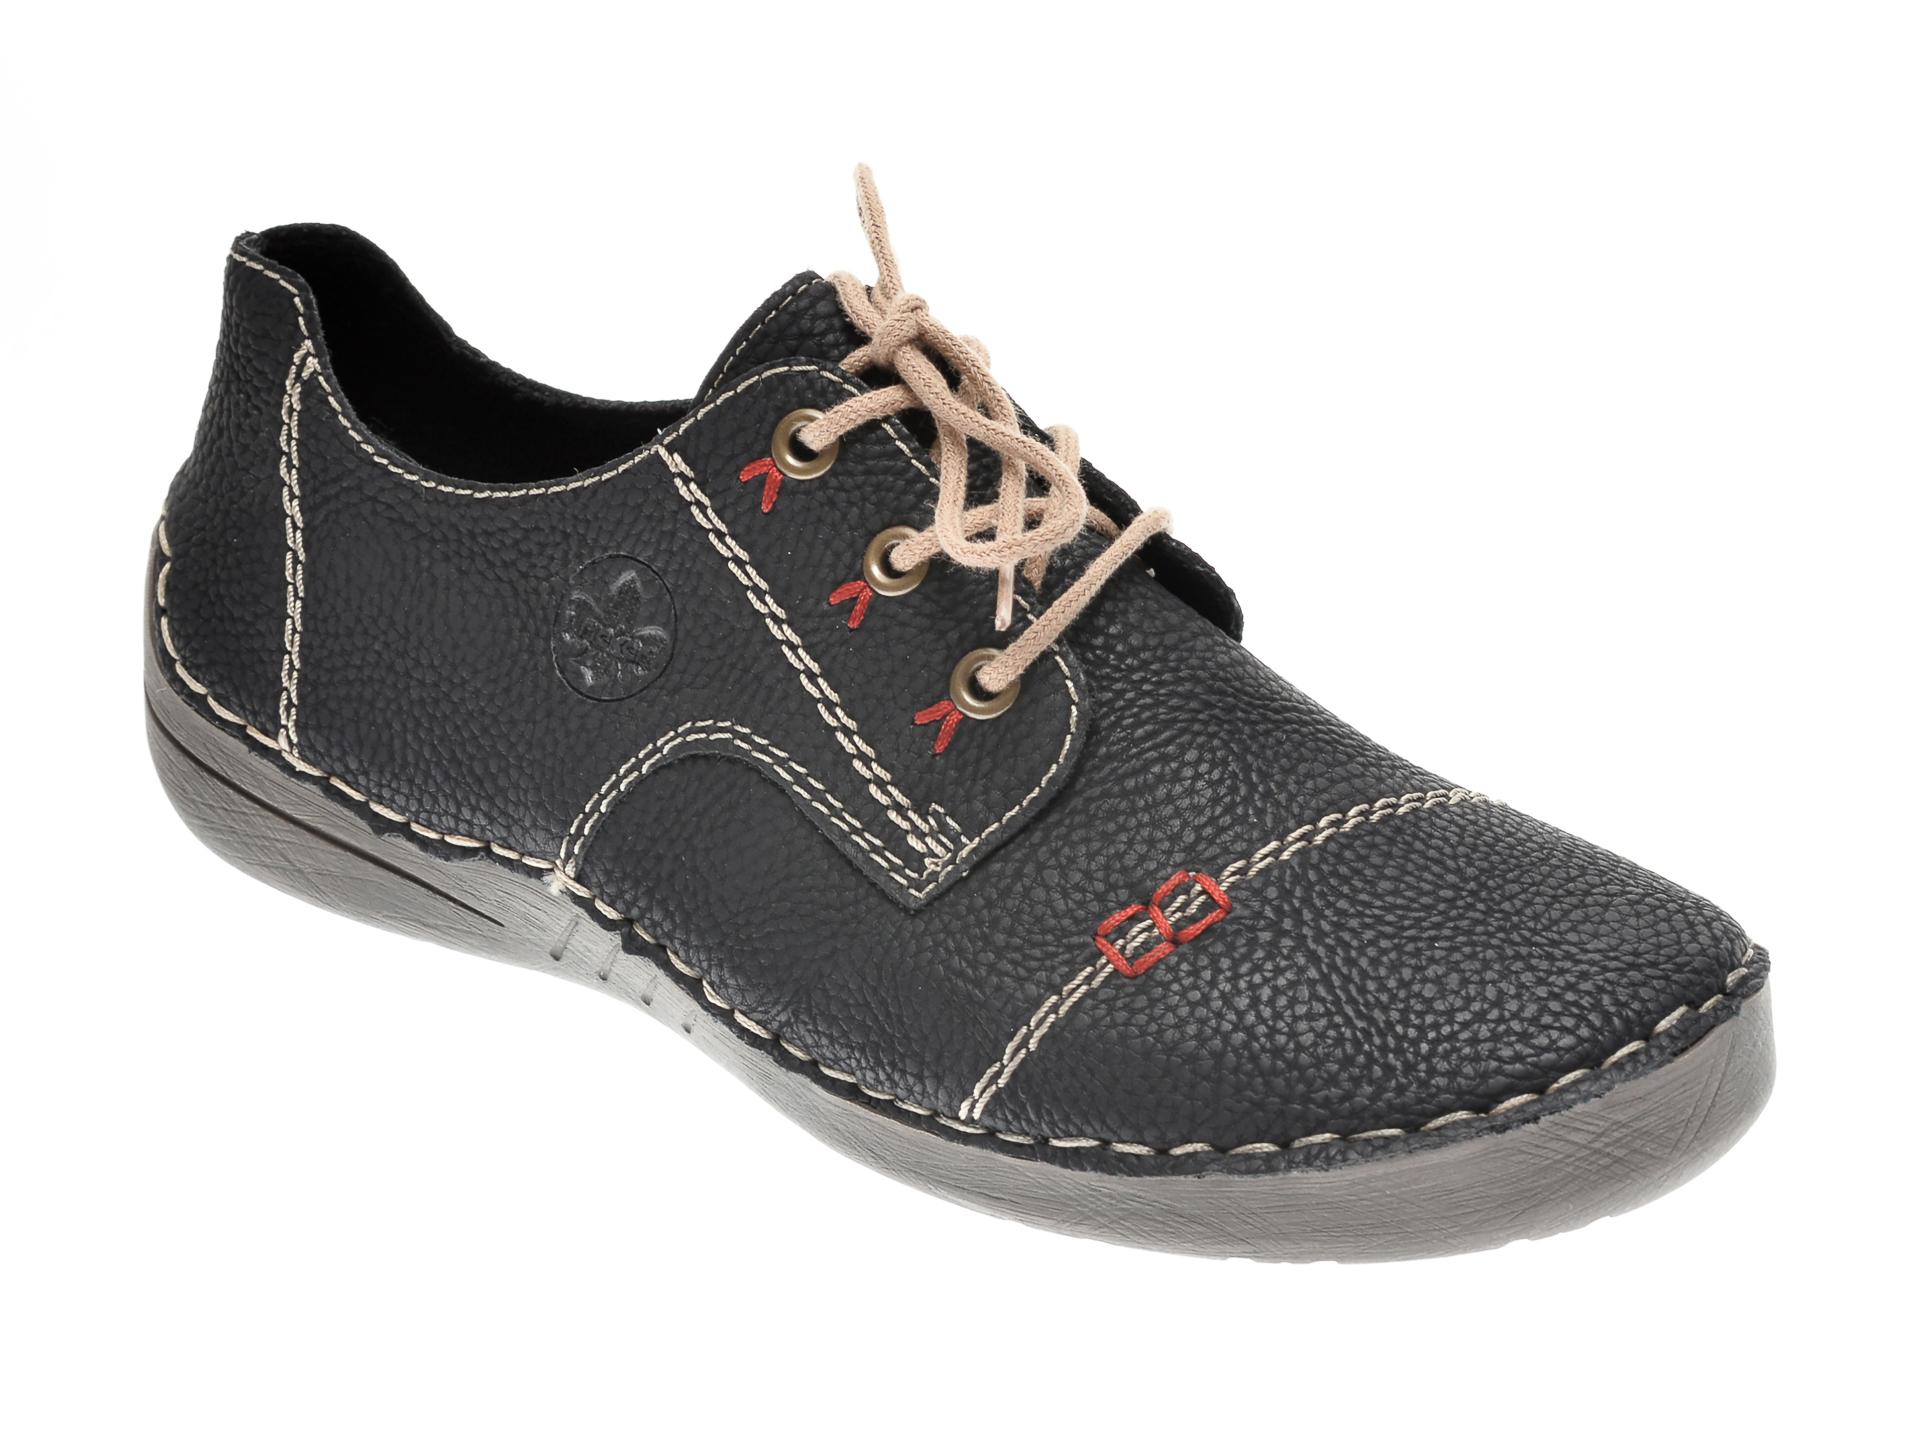 Pantofi RIEKER negri, 52520, din piele ecologica